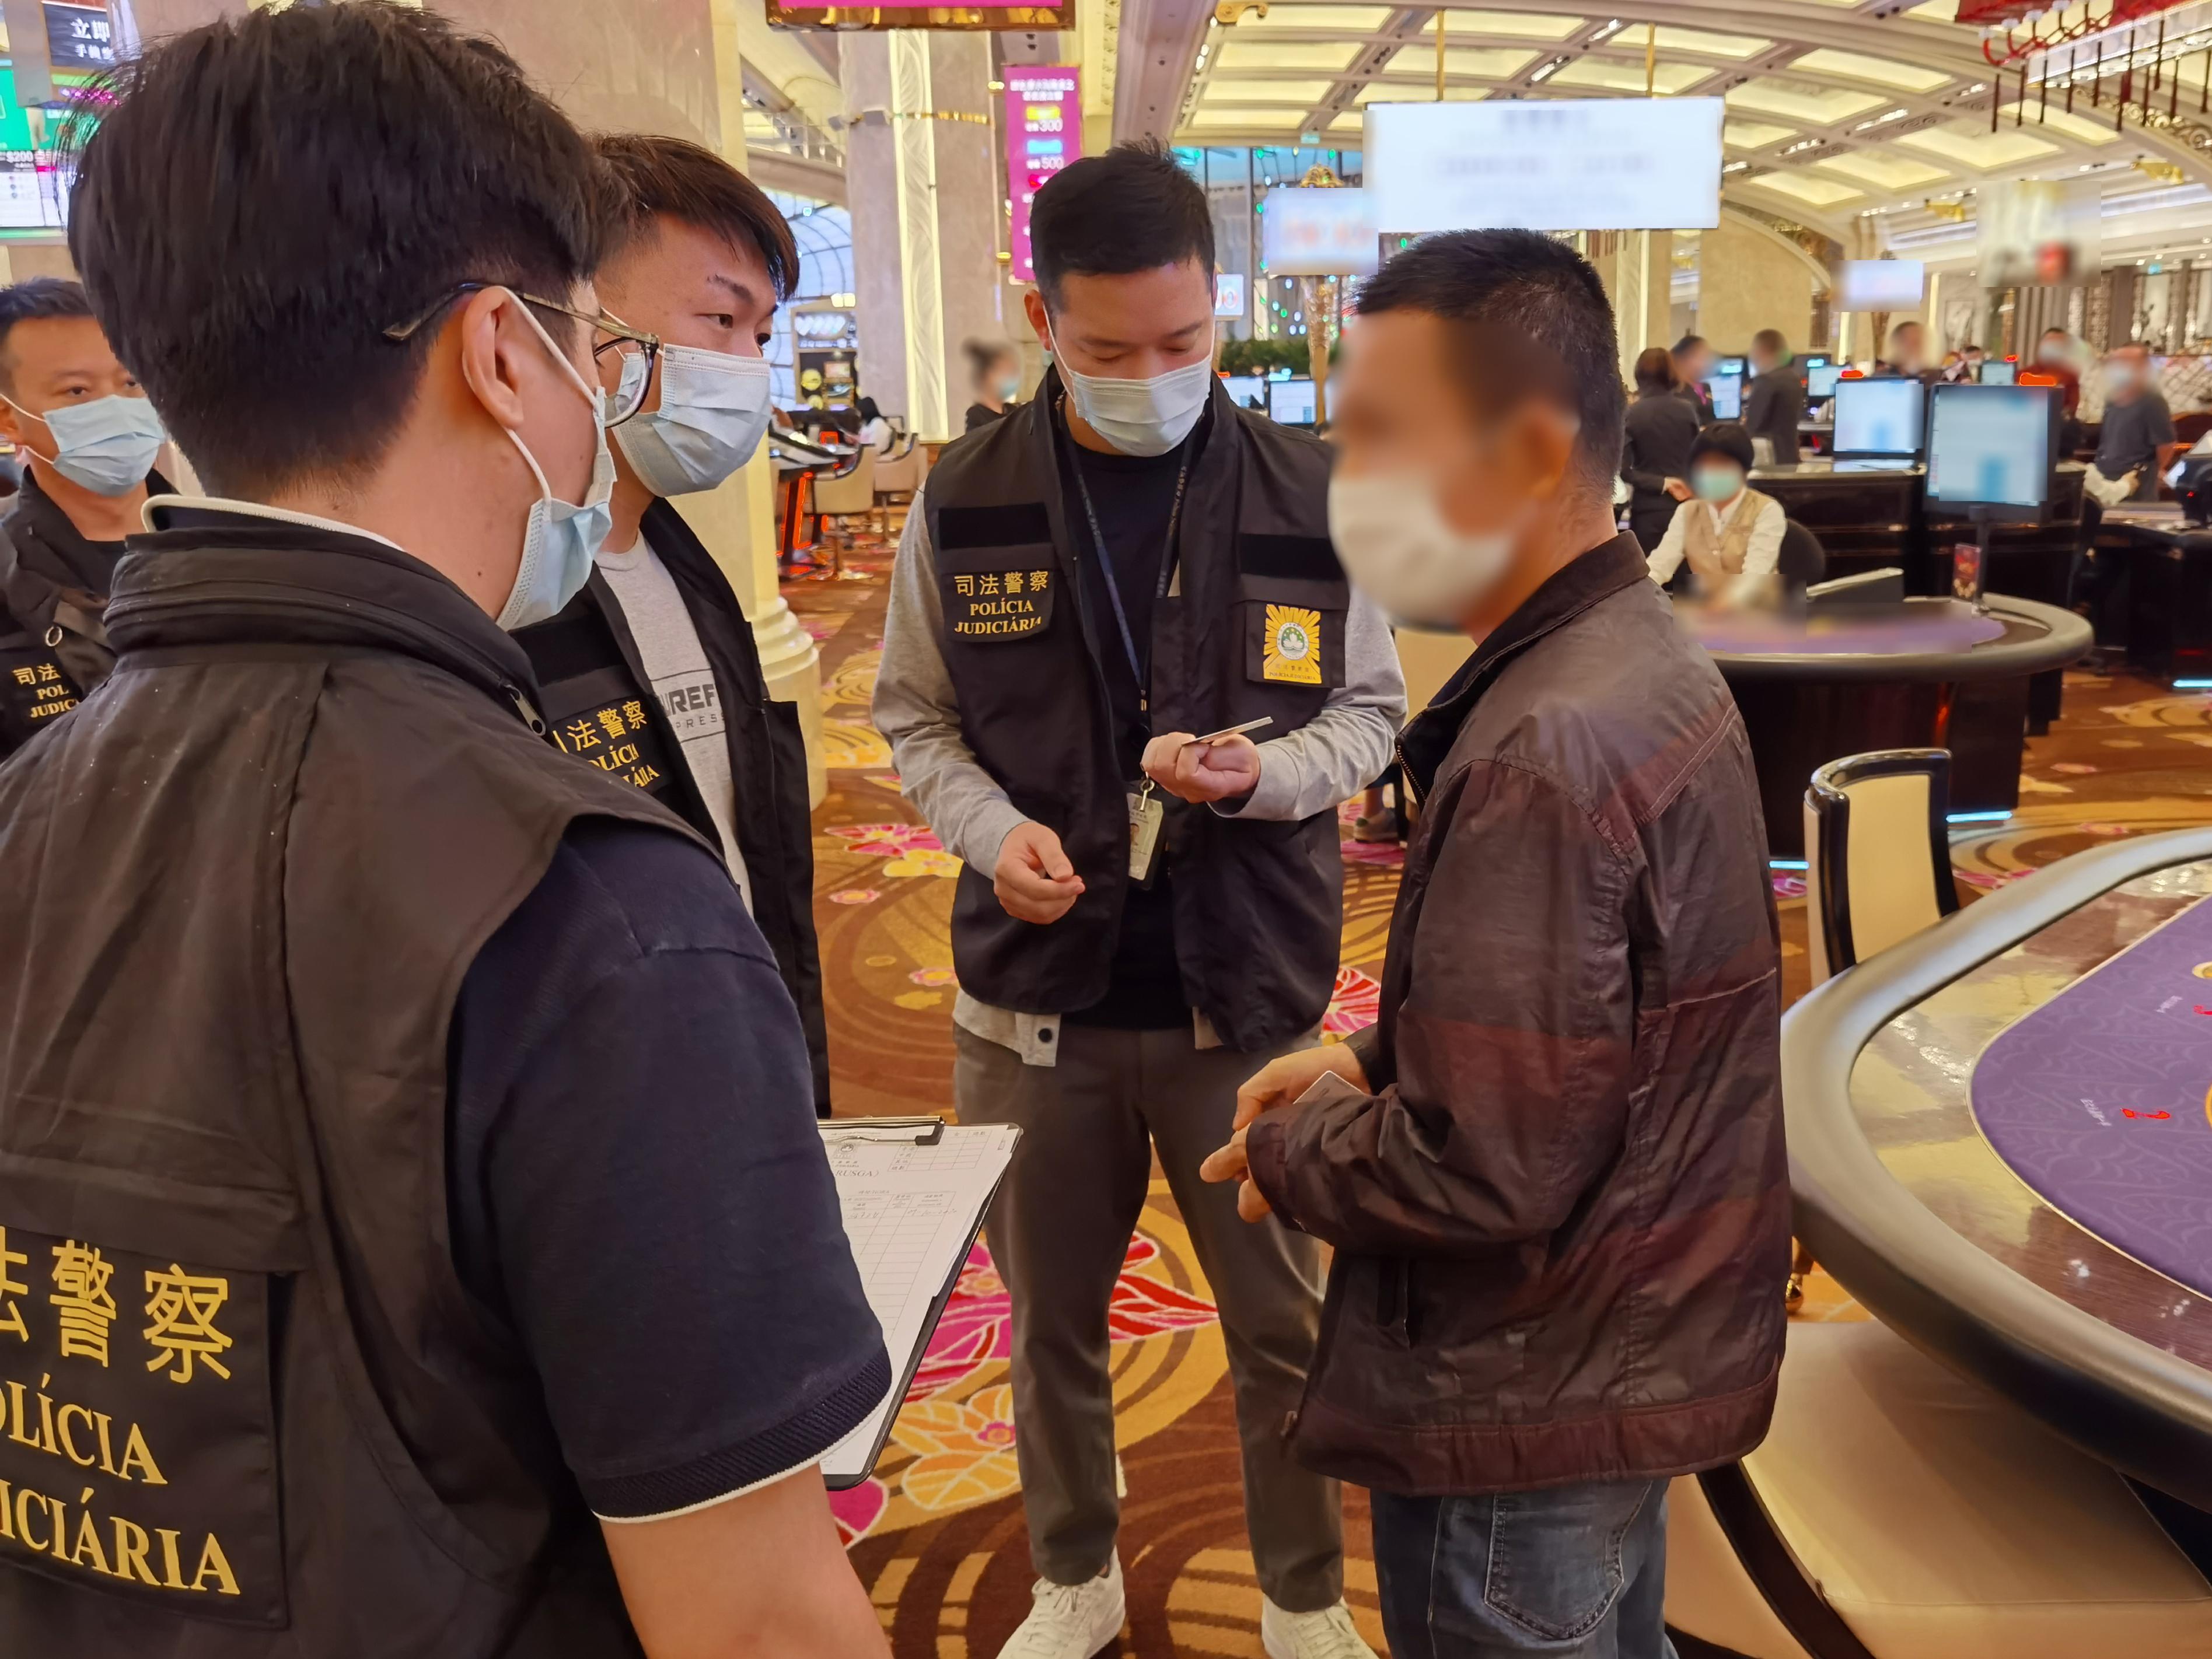 司警反罪惡行動路氹賭場逮7名內地「換錢黨」調查